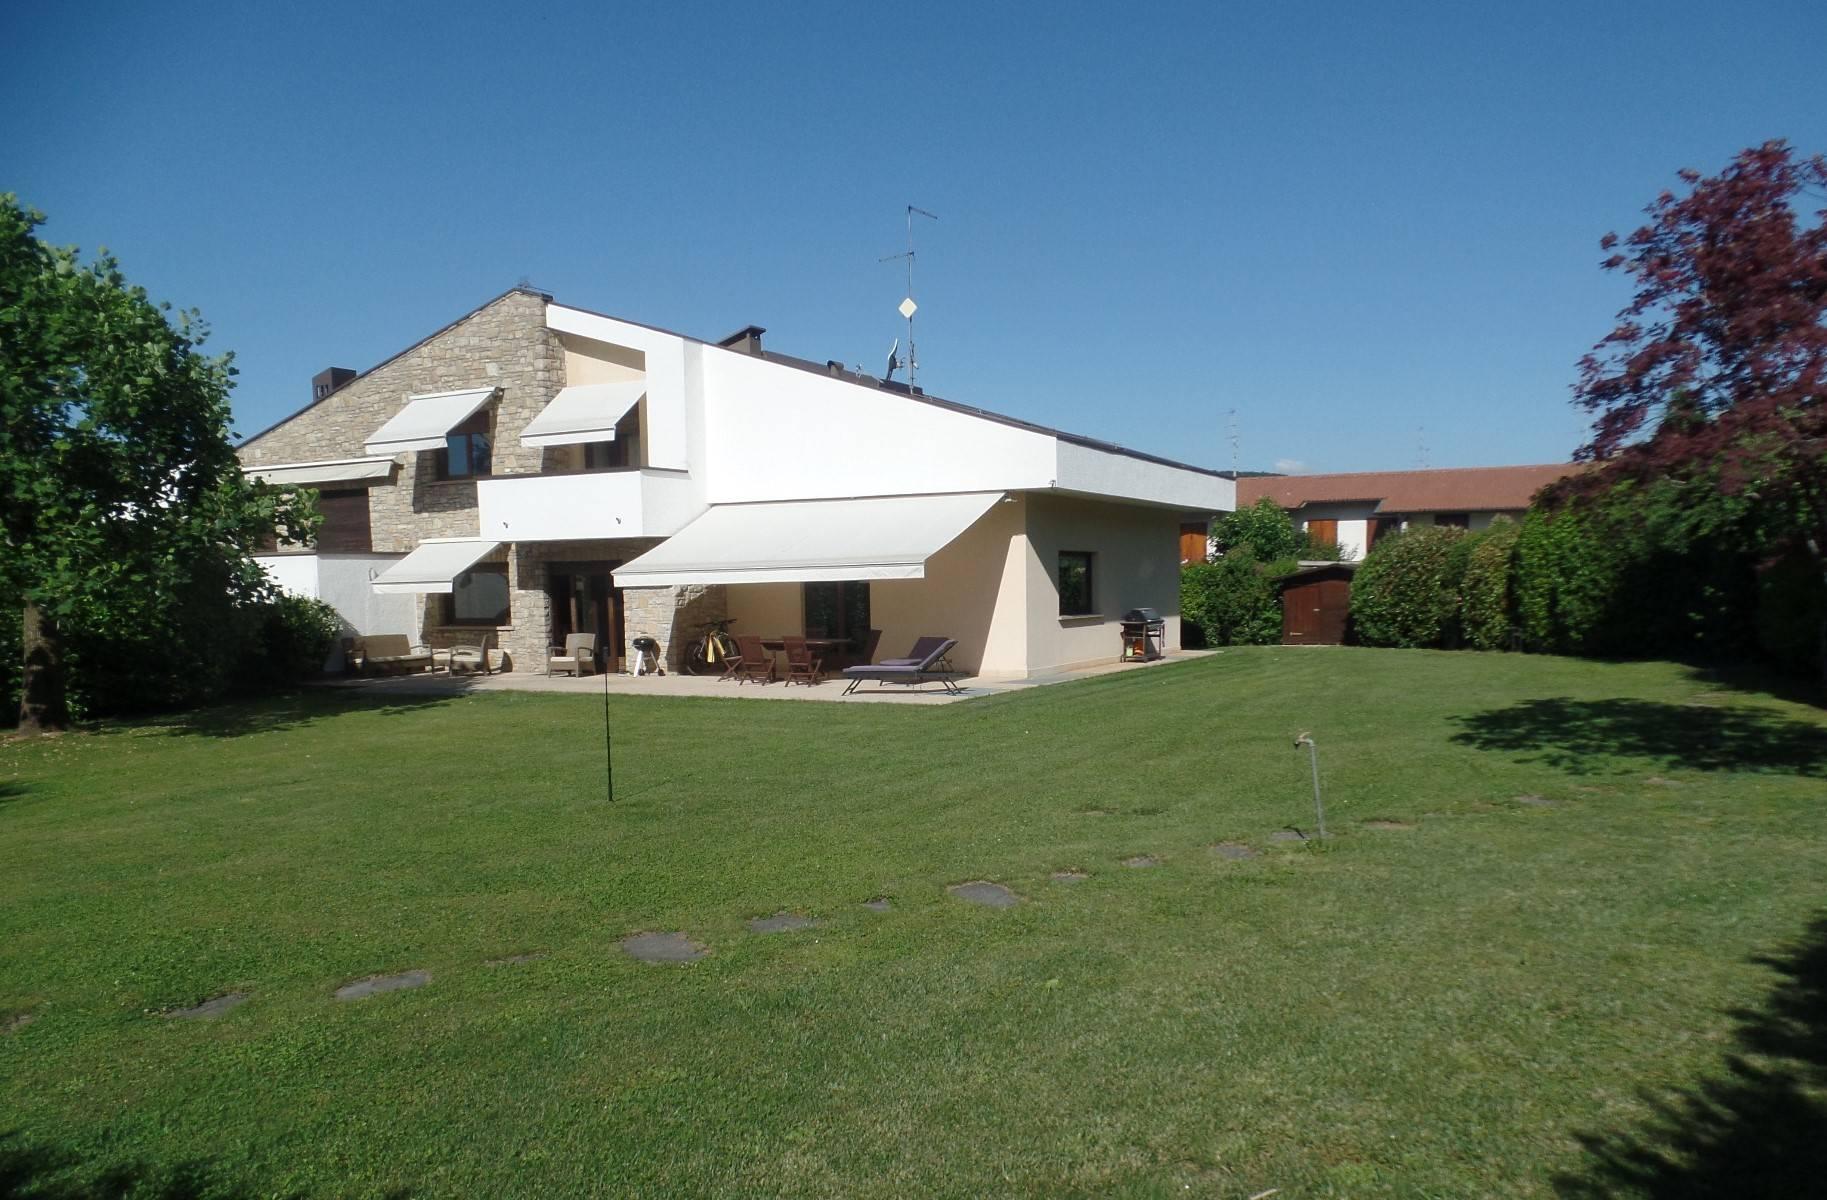 Villa Bifamiliare in vendita a Cenate Sotto, 11 locali, prezzo € 545.000 | CambioCasa.it